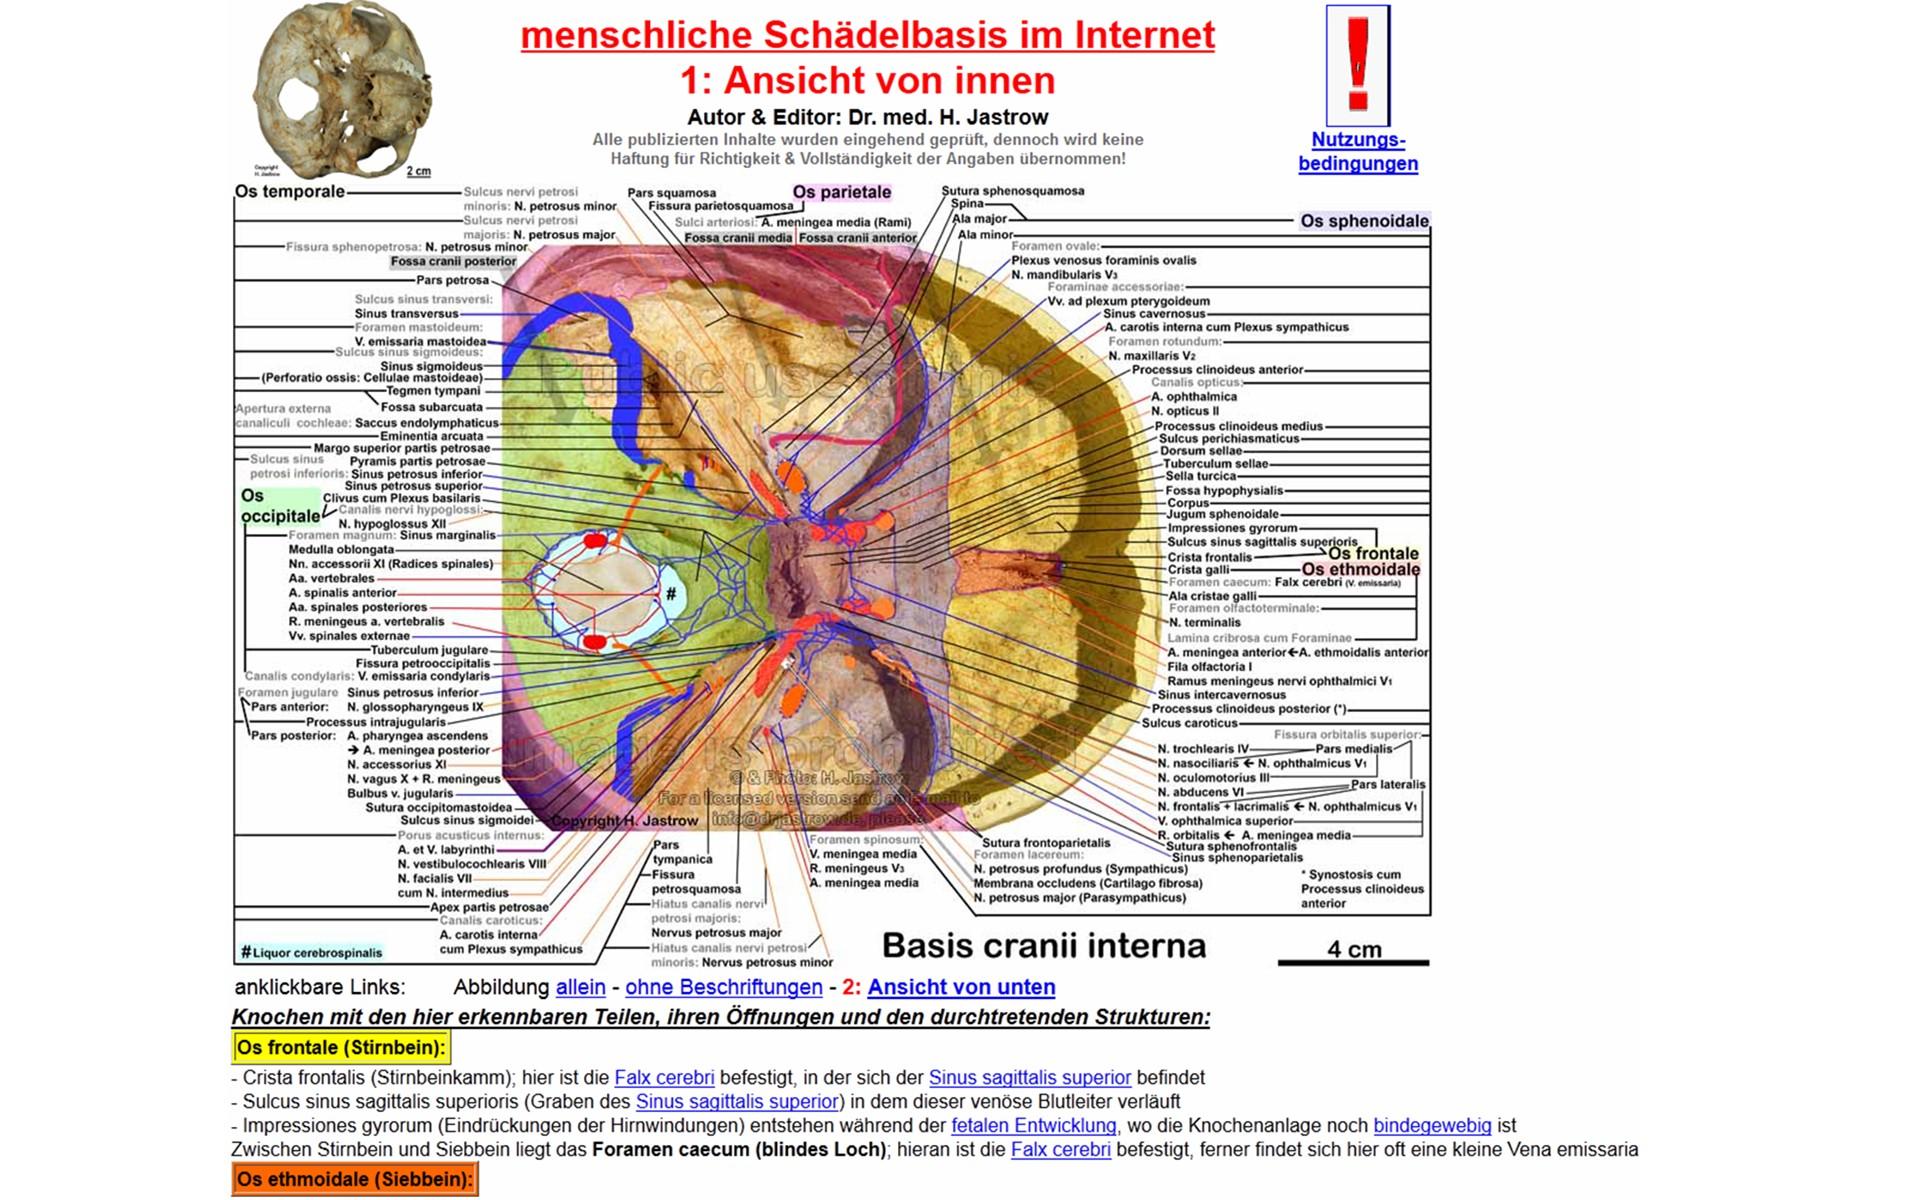 Charmant Dikotyle Schaft Anatomie Ideen - Menschliche Anatomie ...